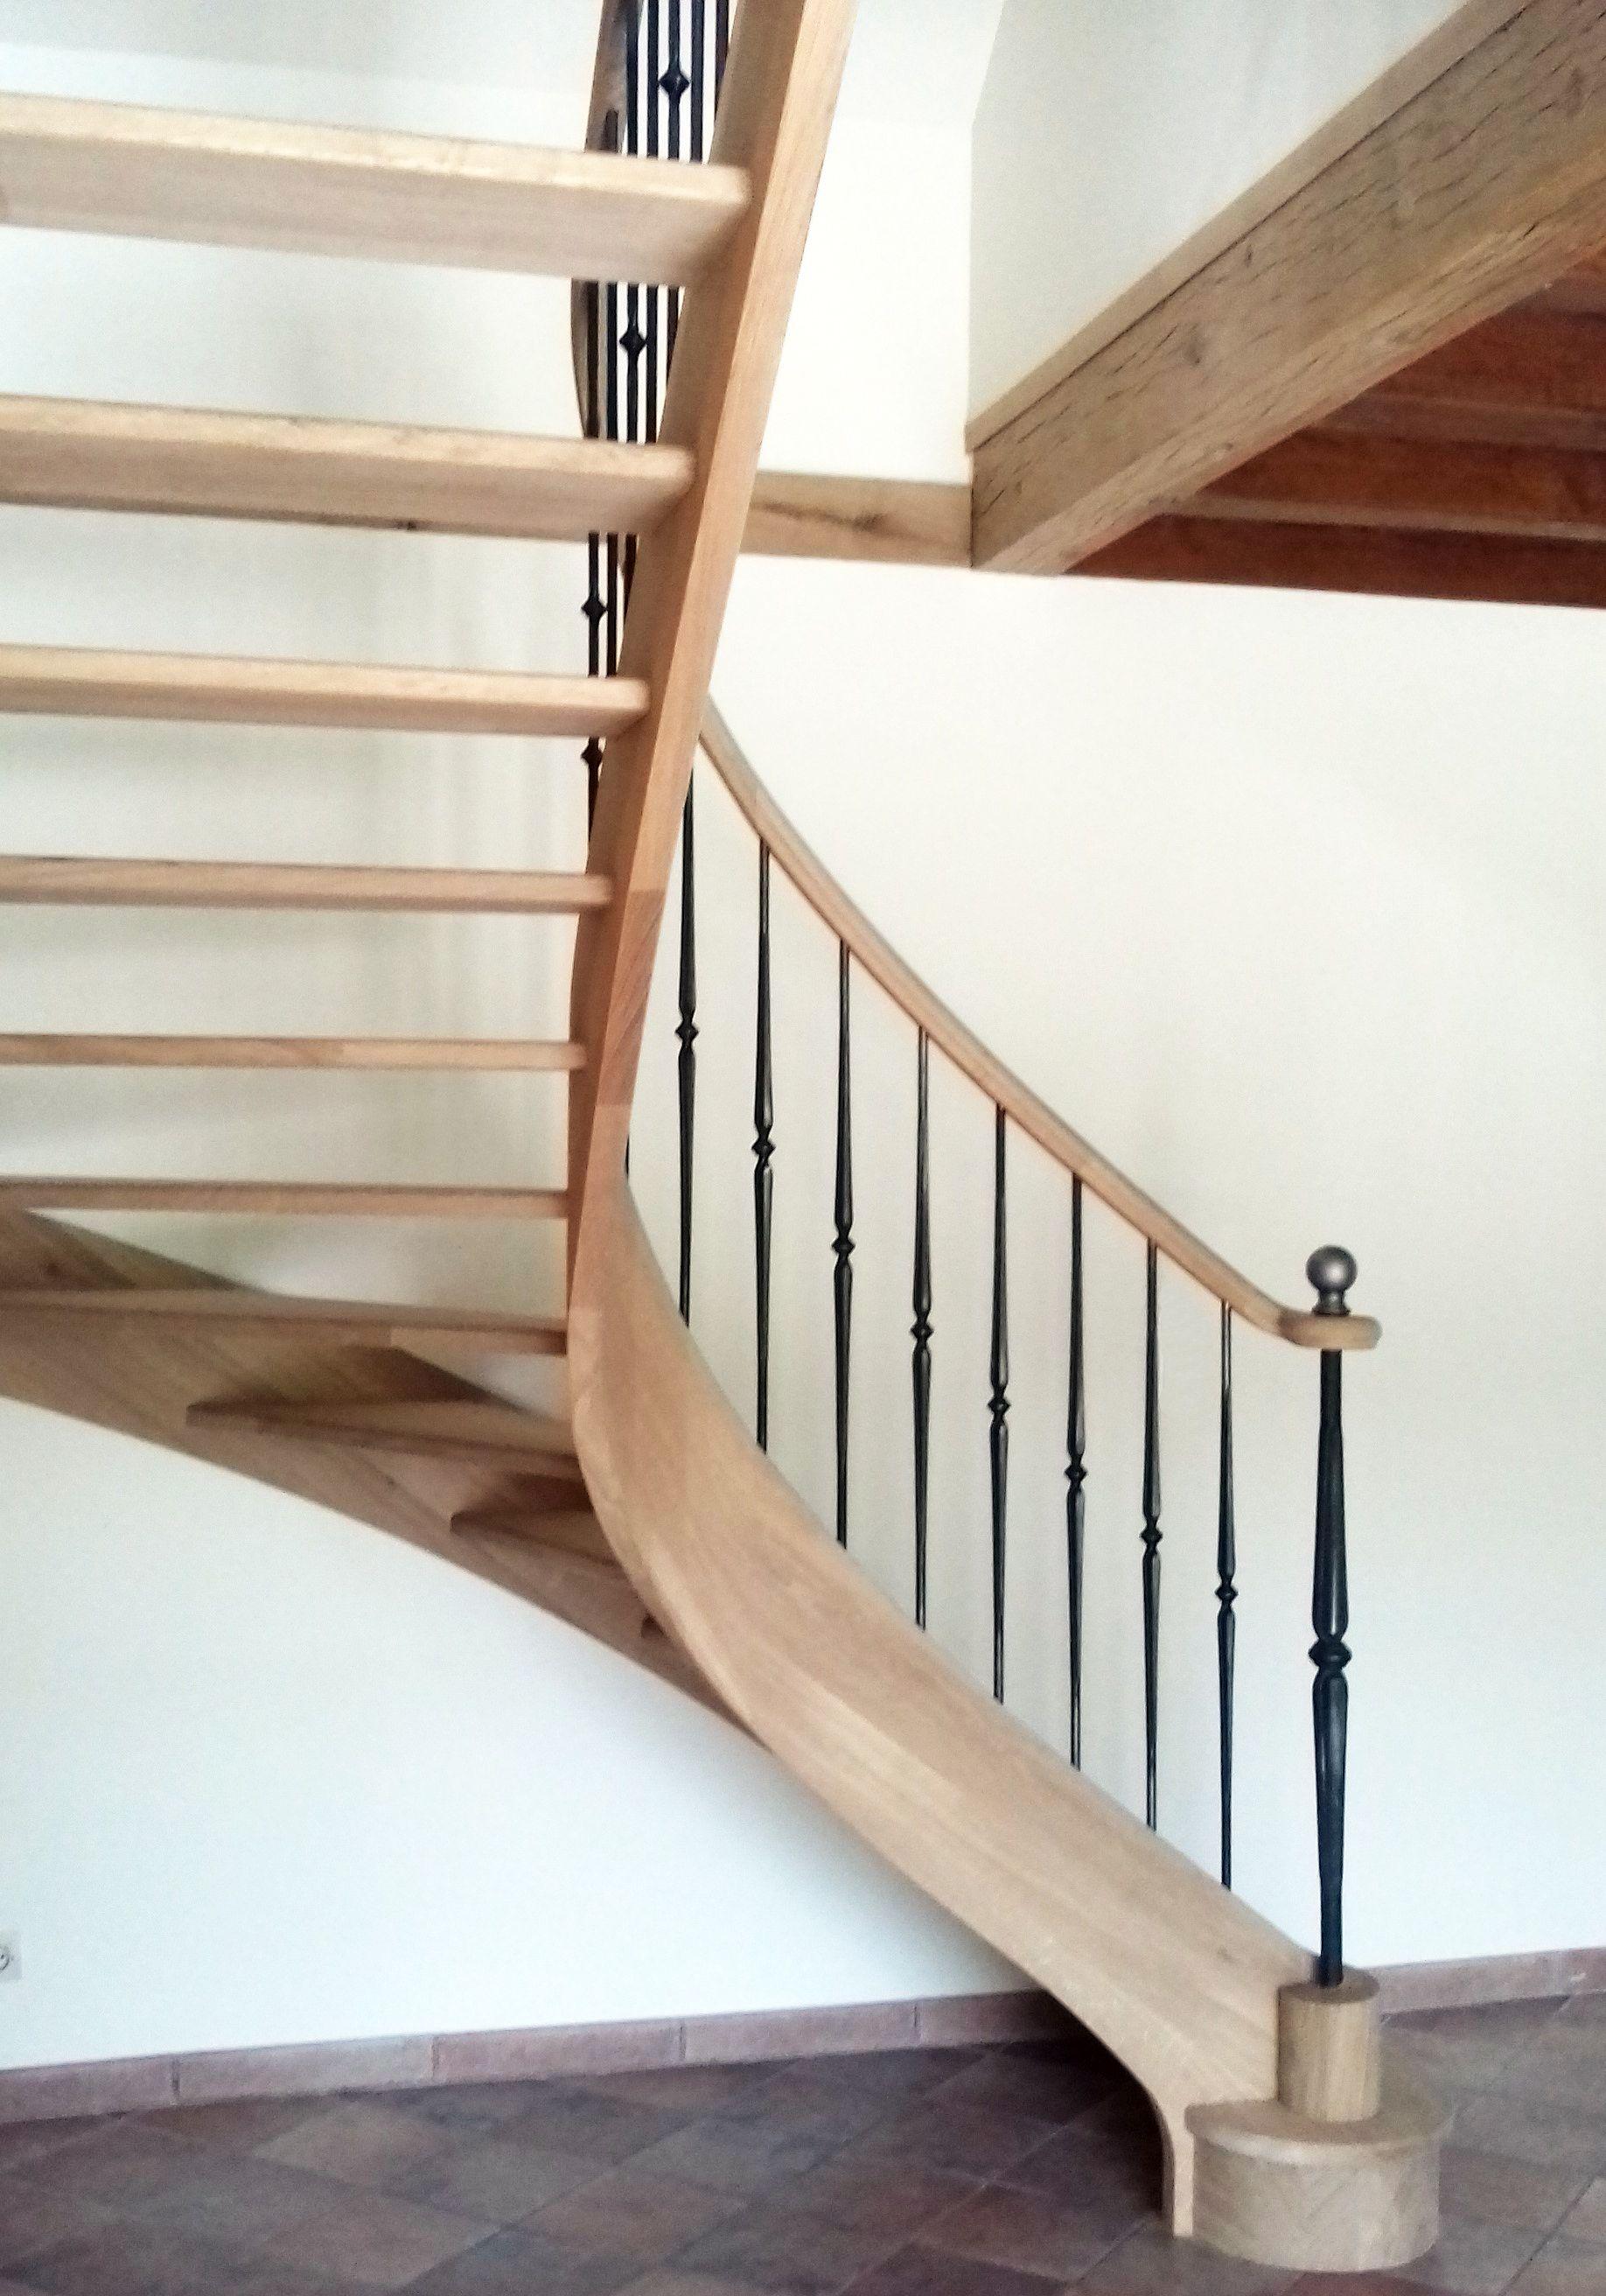 Escalier Droit Sans Rampe concernant escalier en bois débillardé. escalier quart tournant en chêne massif